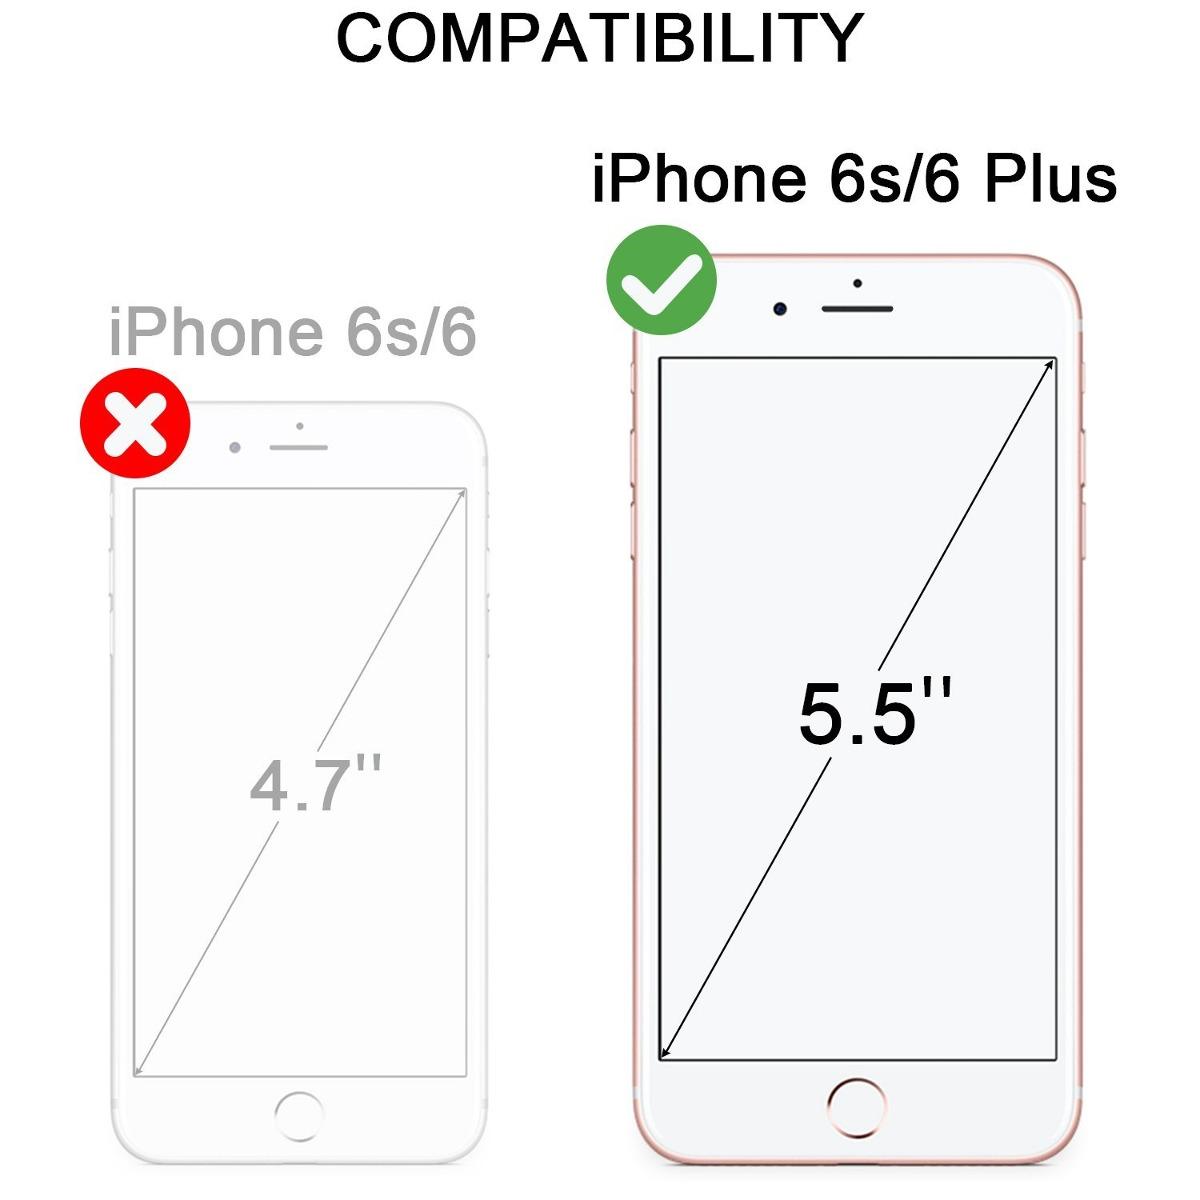 39ab3354c73 Cargando zoom... funda par funda para. Cargando zoom... funda iphone 6 plus  para iphone 6s plus funda protectora par